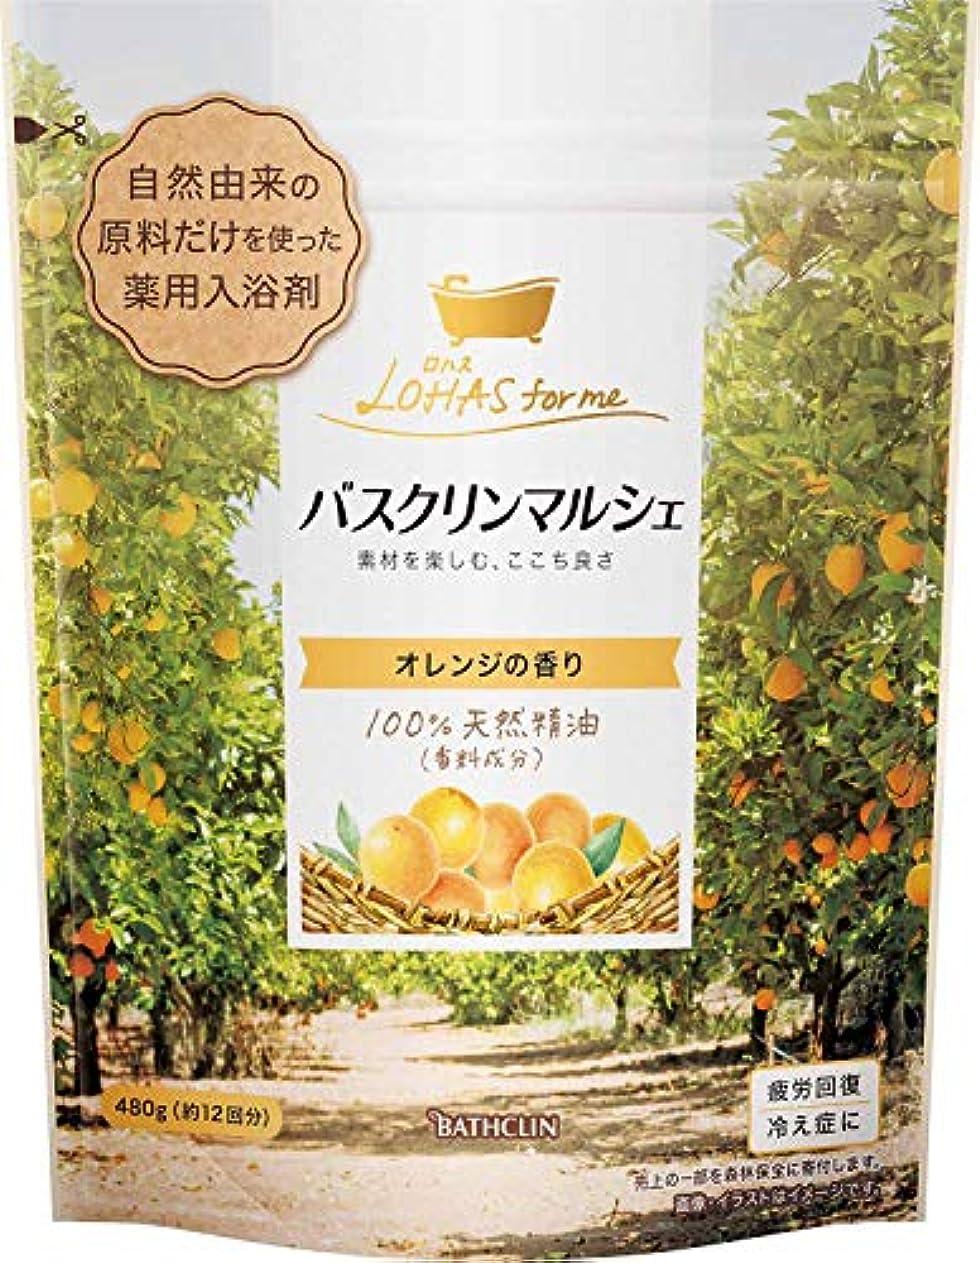 テント浴室欠陥【医薬部外品/合成香料無添加】バスクリンマルシェ入浴剤 オレンジの香り480g 自然派ほのかなやさしい香り